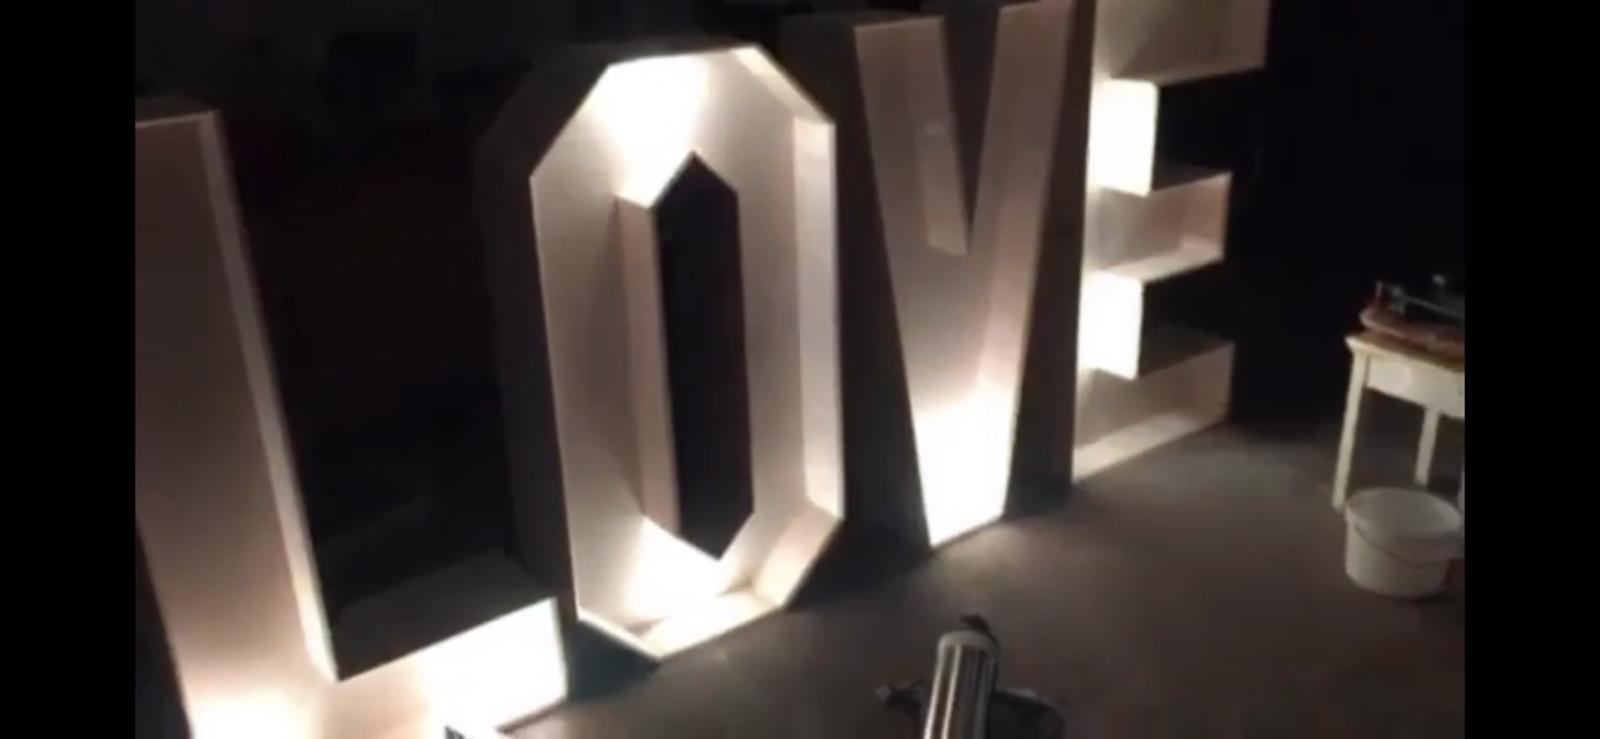 Prenájom LED nápisu LOVE - Obrázok č. 1